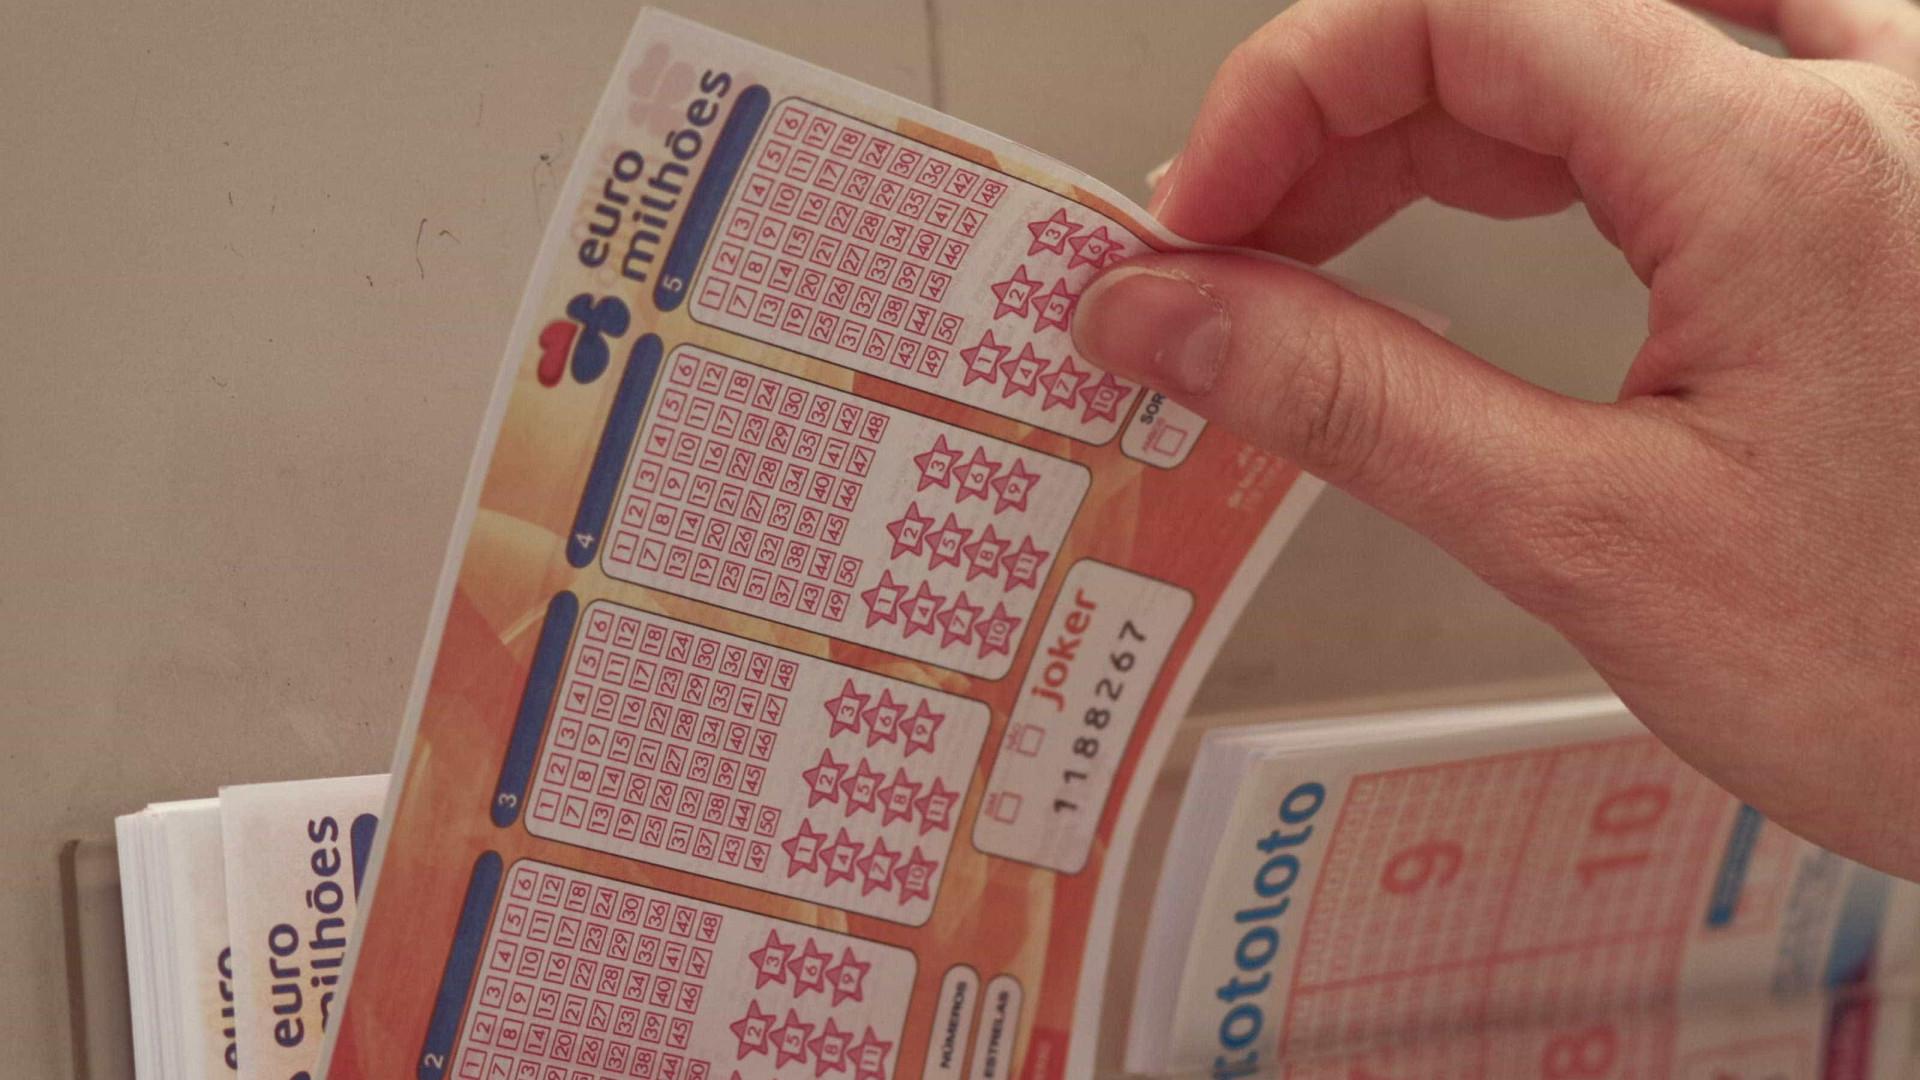 2eccb3b3c Euromilhões: Conheça a combinação vencedora